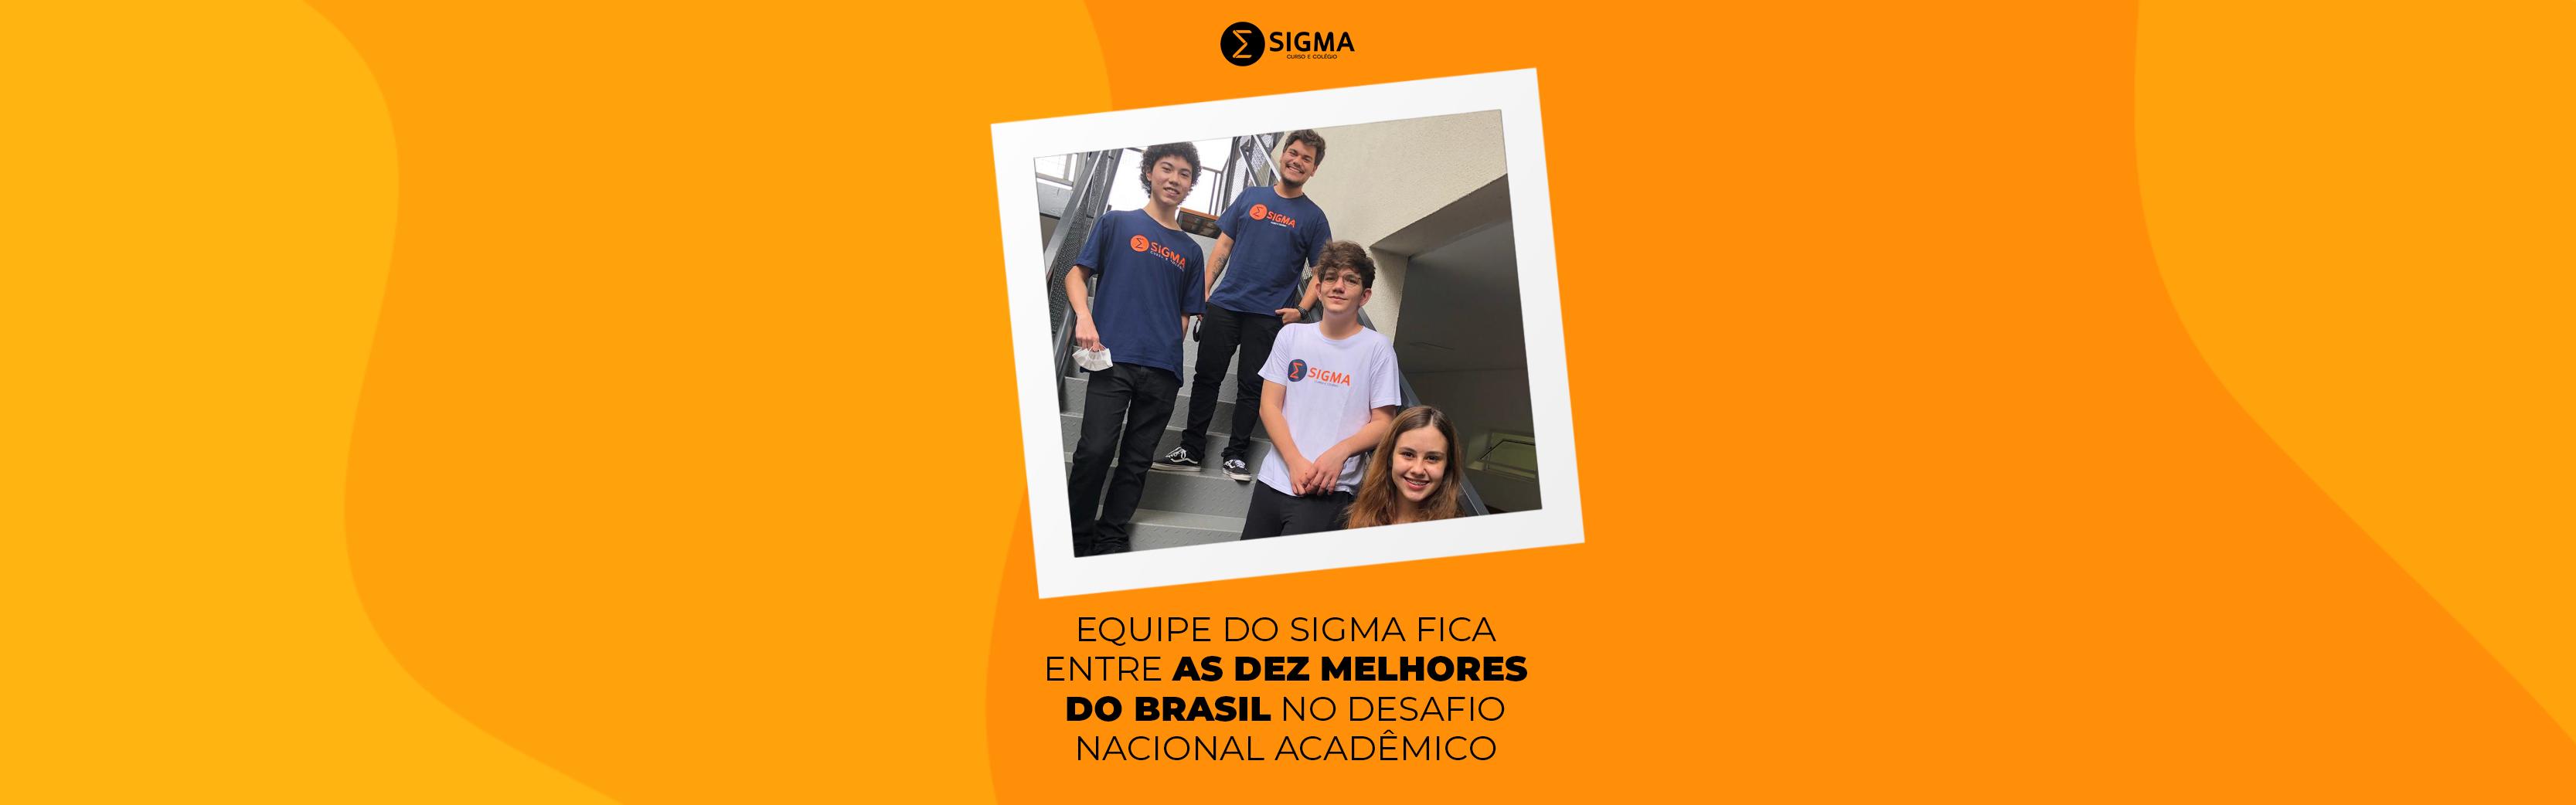 Equipe do Sigma fica entre as dez melhores do Brasil no Desafio Nacional Acadêmico